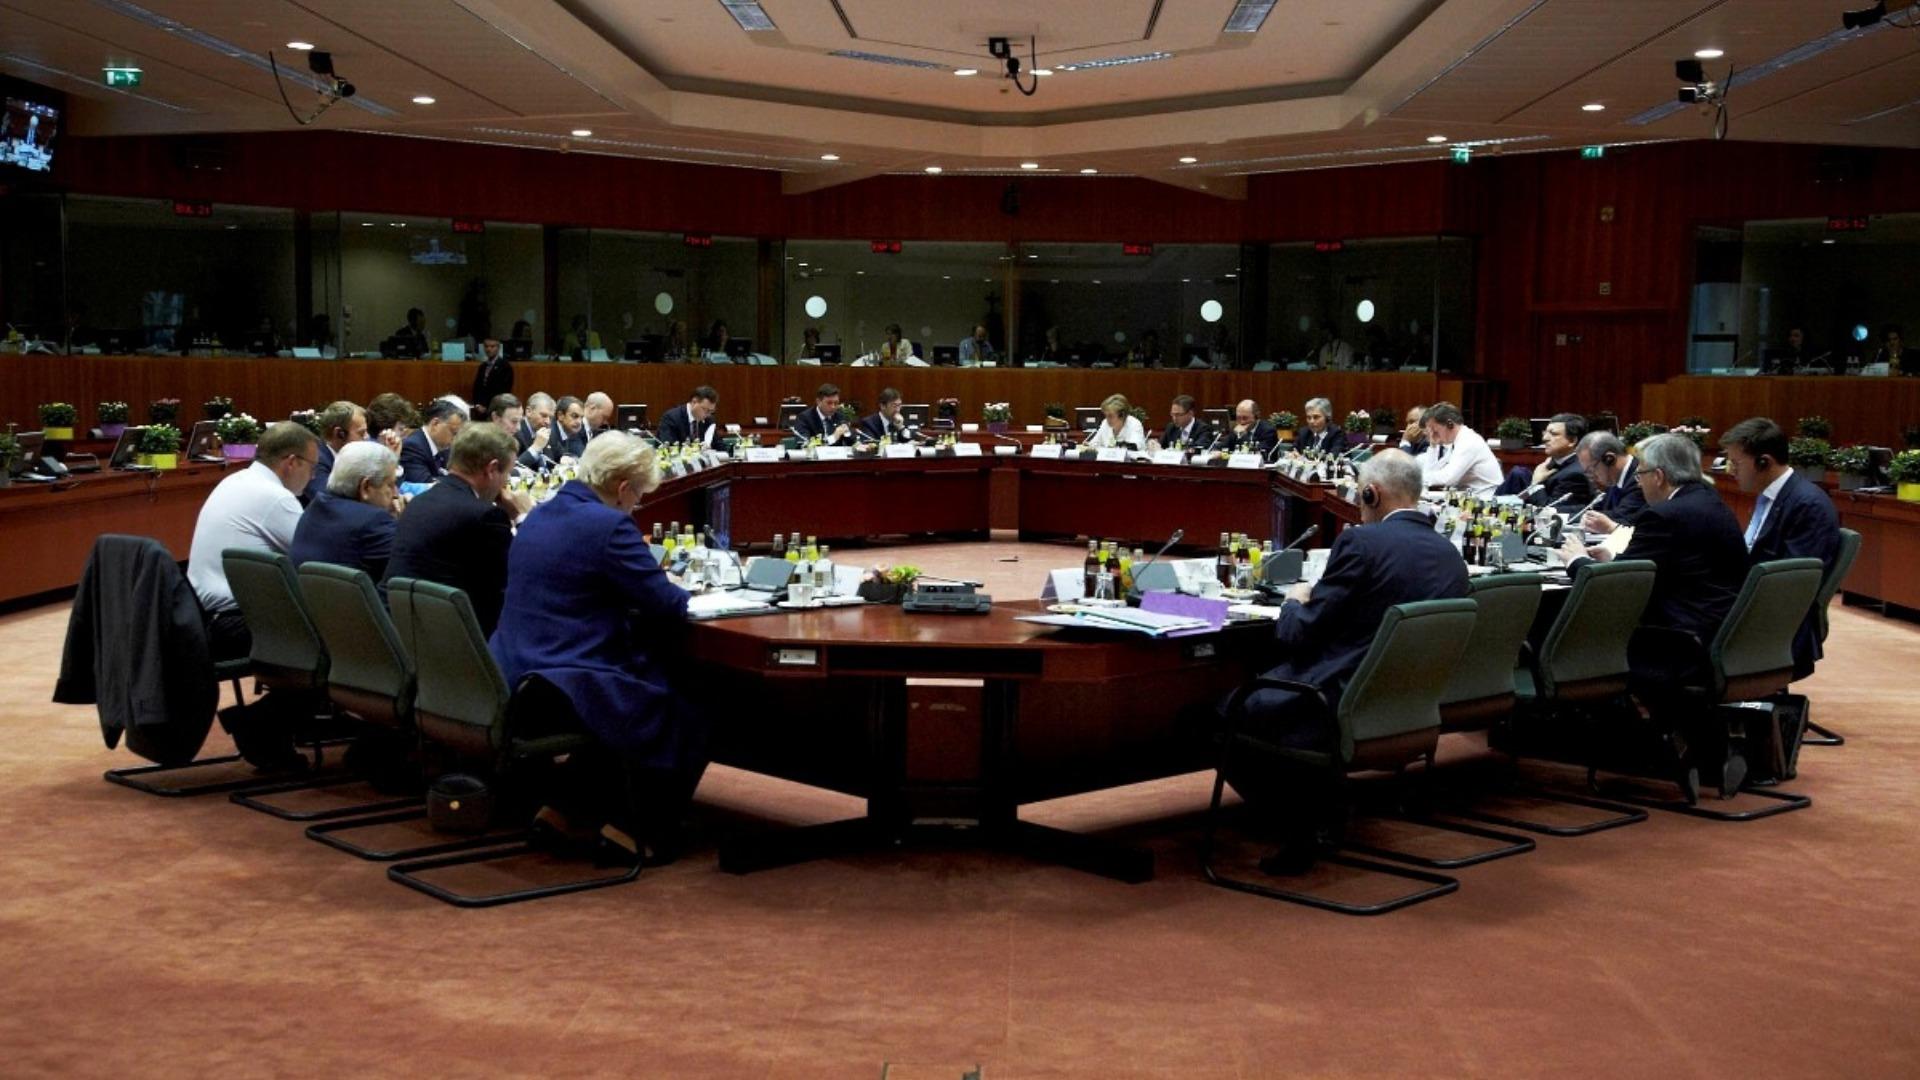 Runrunes de Bocaranda: BAJO - Otras sanciones